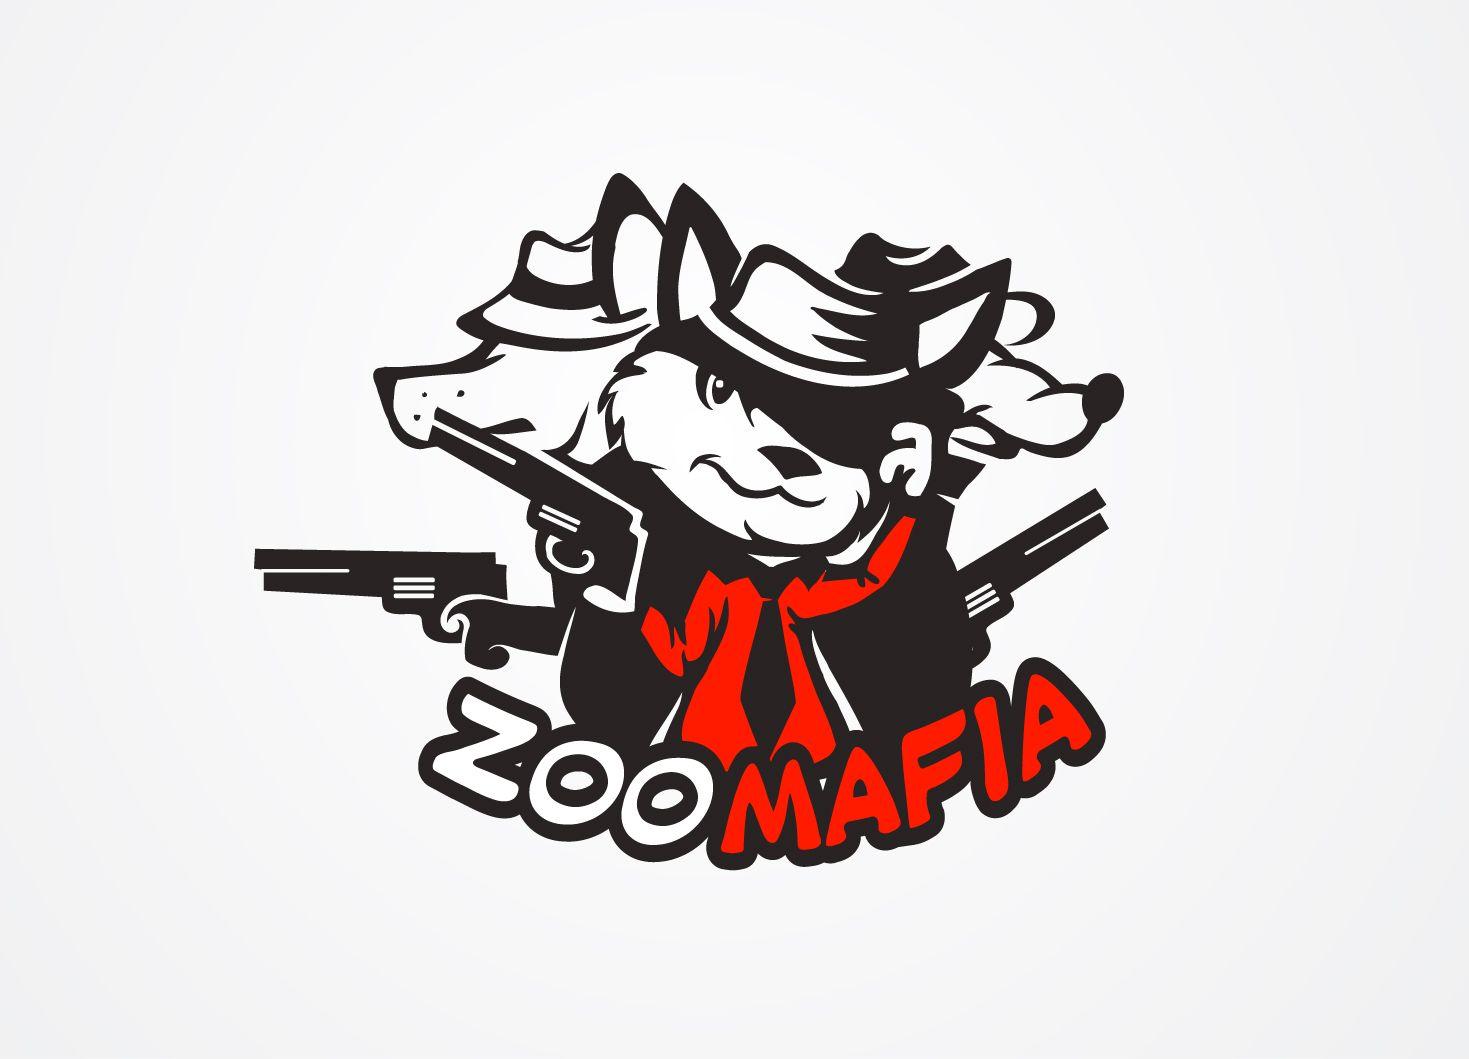 Логотип для интернет магазина зоотоваров - дизайнер Kov-veronika